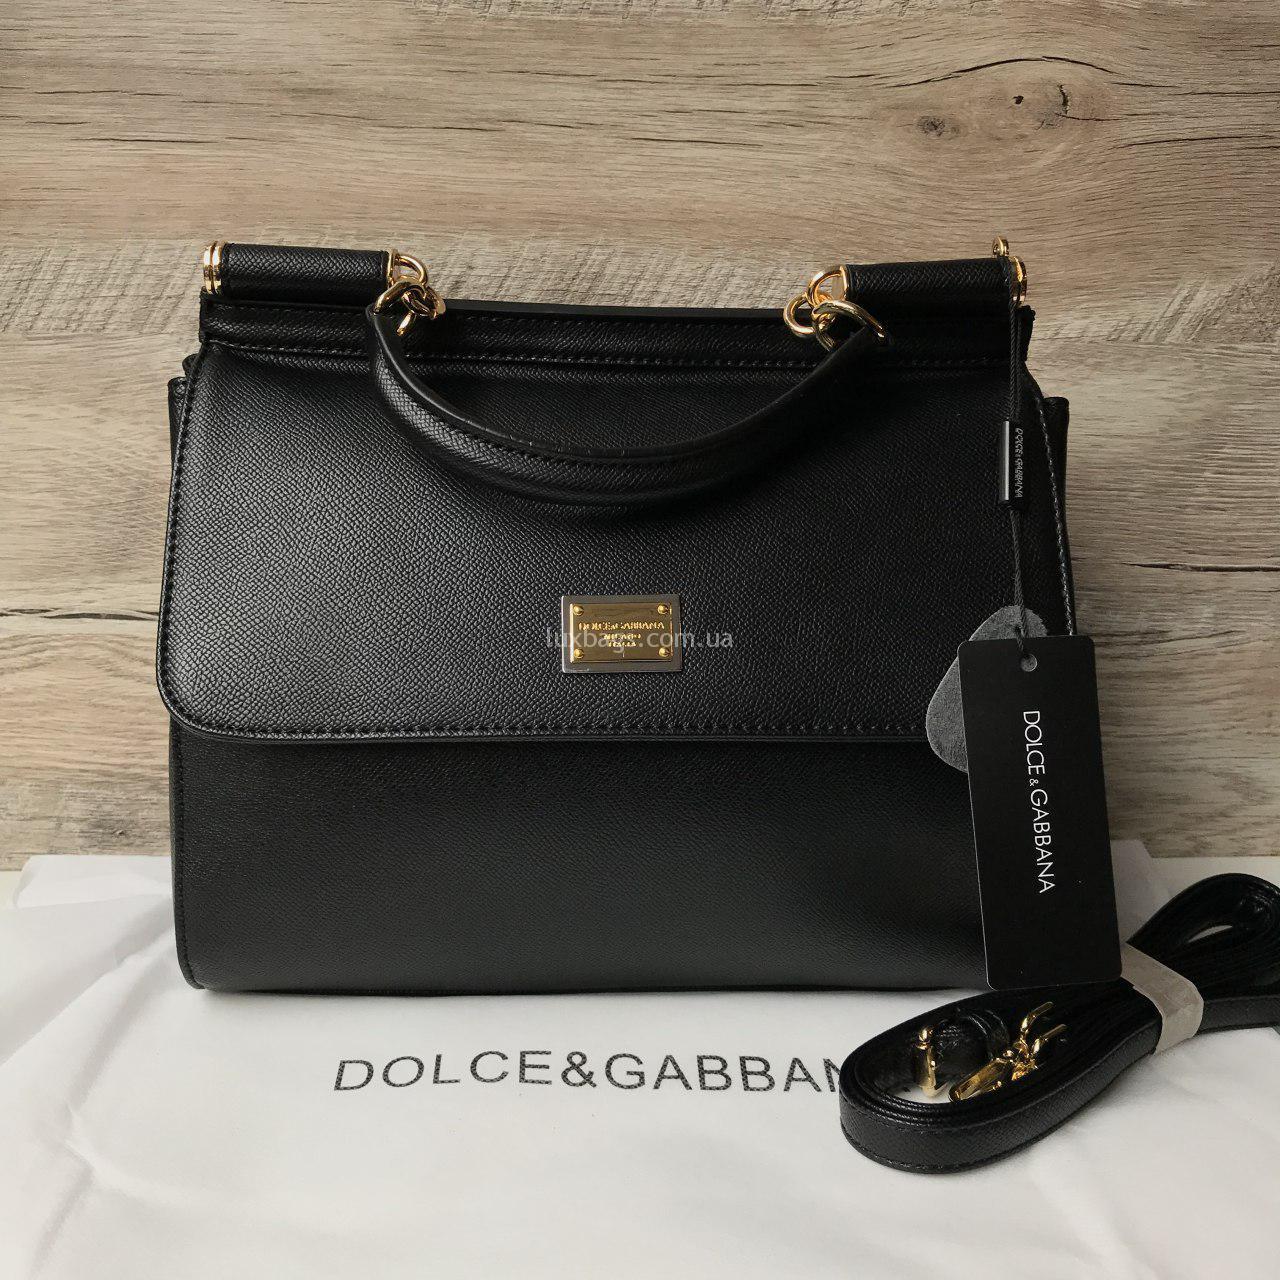 01a2b772ed22 Загружен дляЖенская сумка Dolce & Gabbana Miss Sicily mini D&G черная